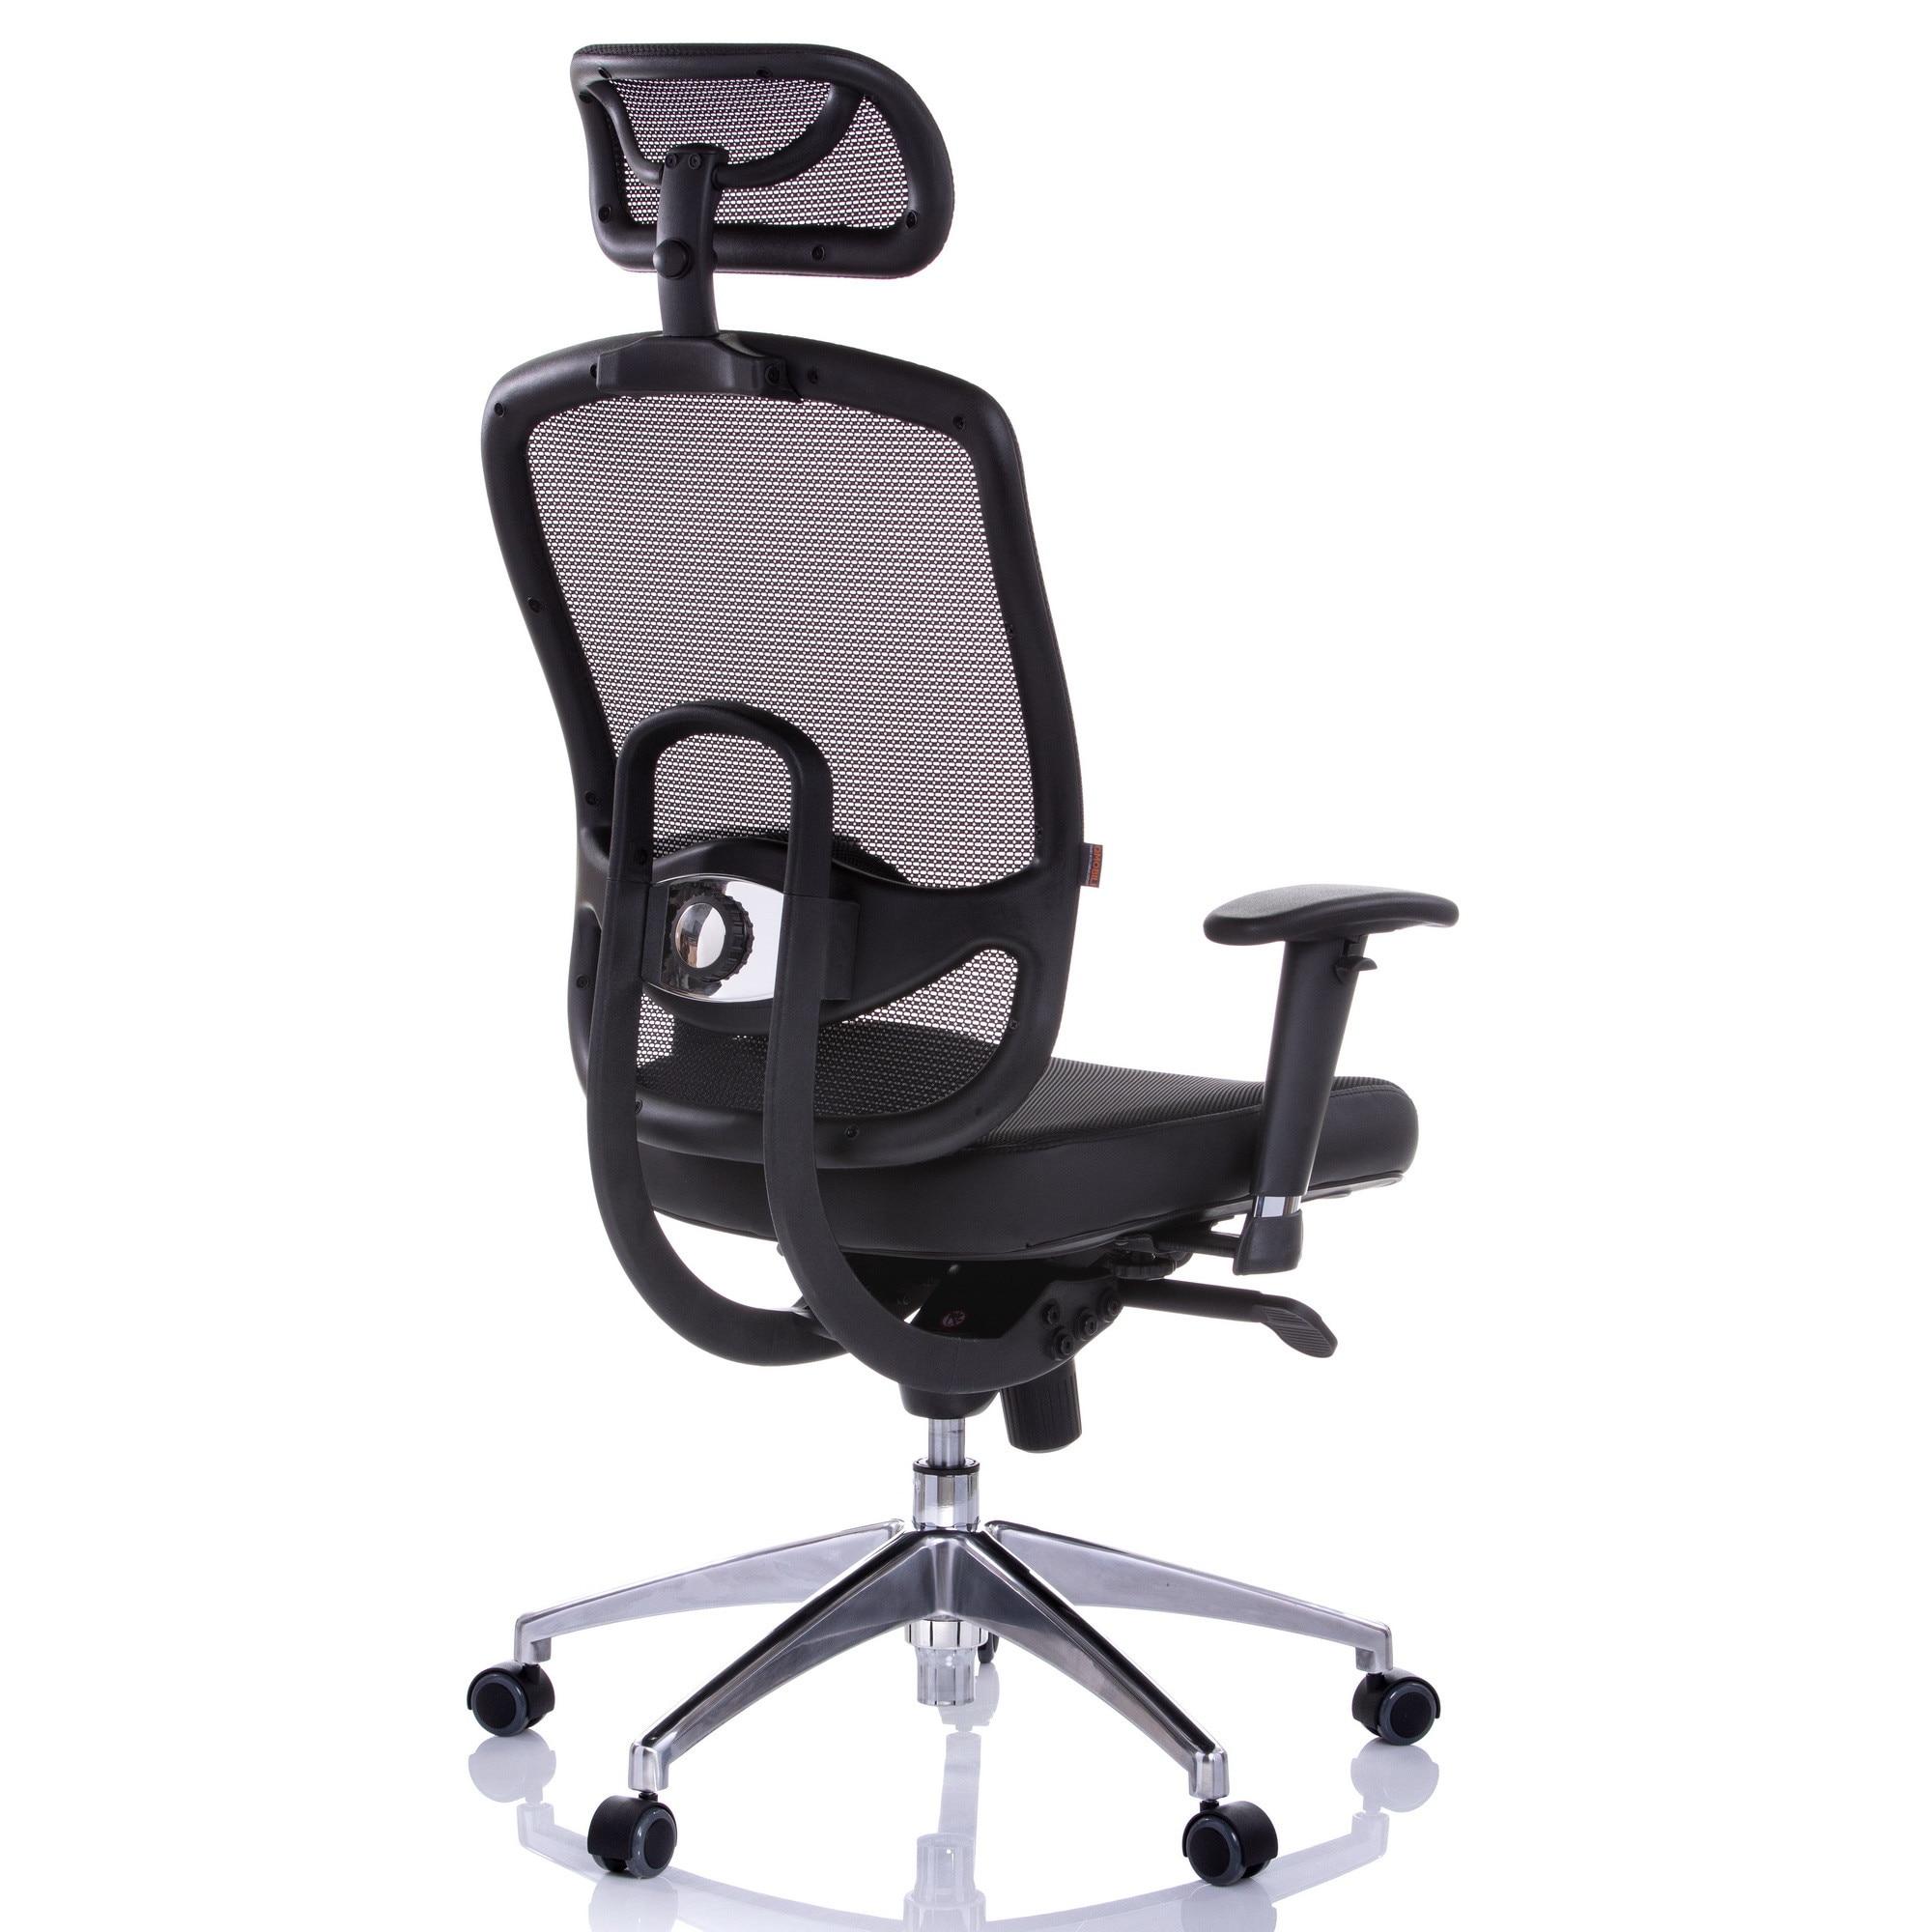 QMOBILI OKLAHOMA HI Ergonomikus szék, Fekete, mesh, szinkronmechanika, állítható deréktámasz, fejtámla, állítható karfa PP, alumínium basis eMAG.hu